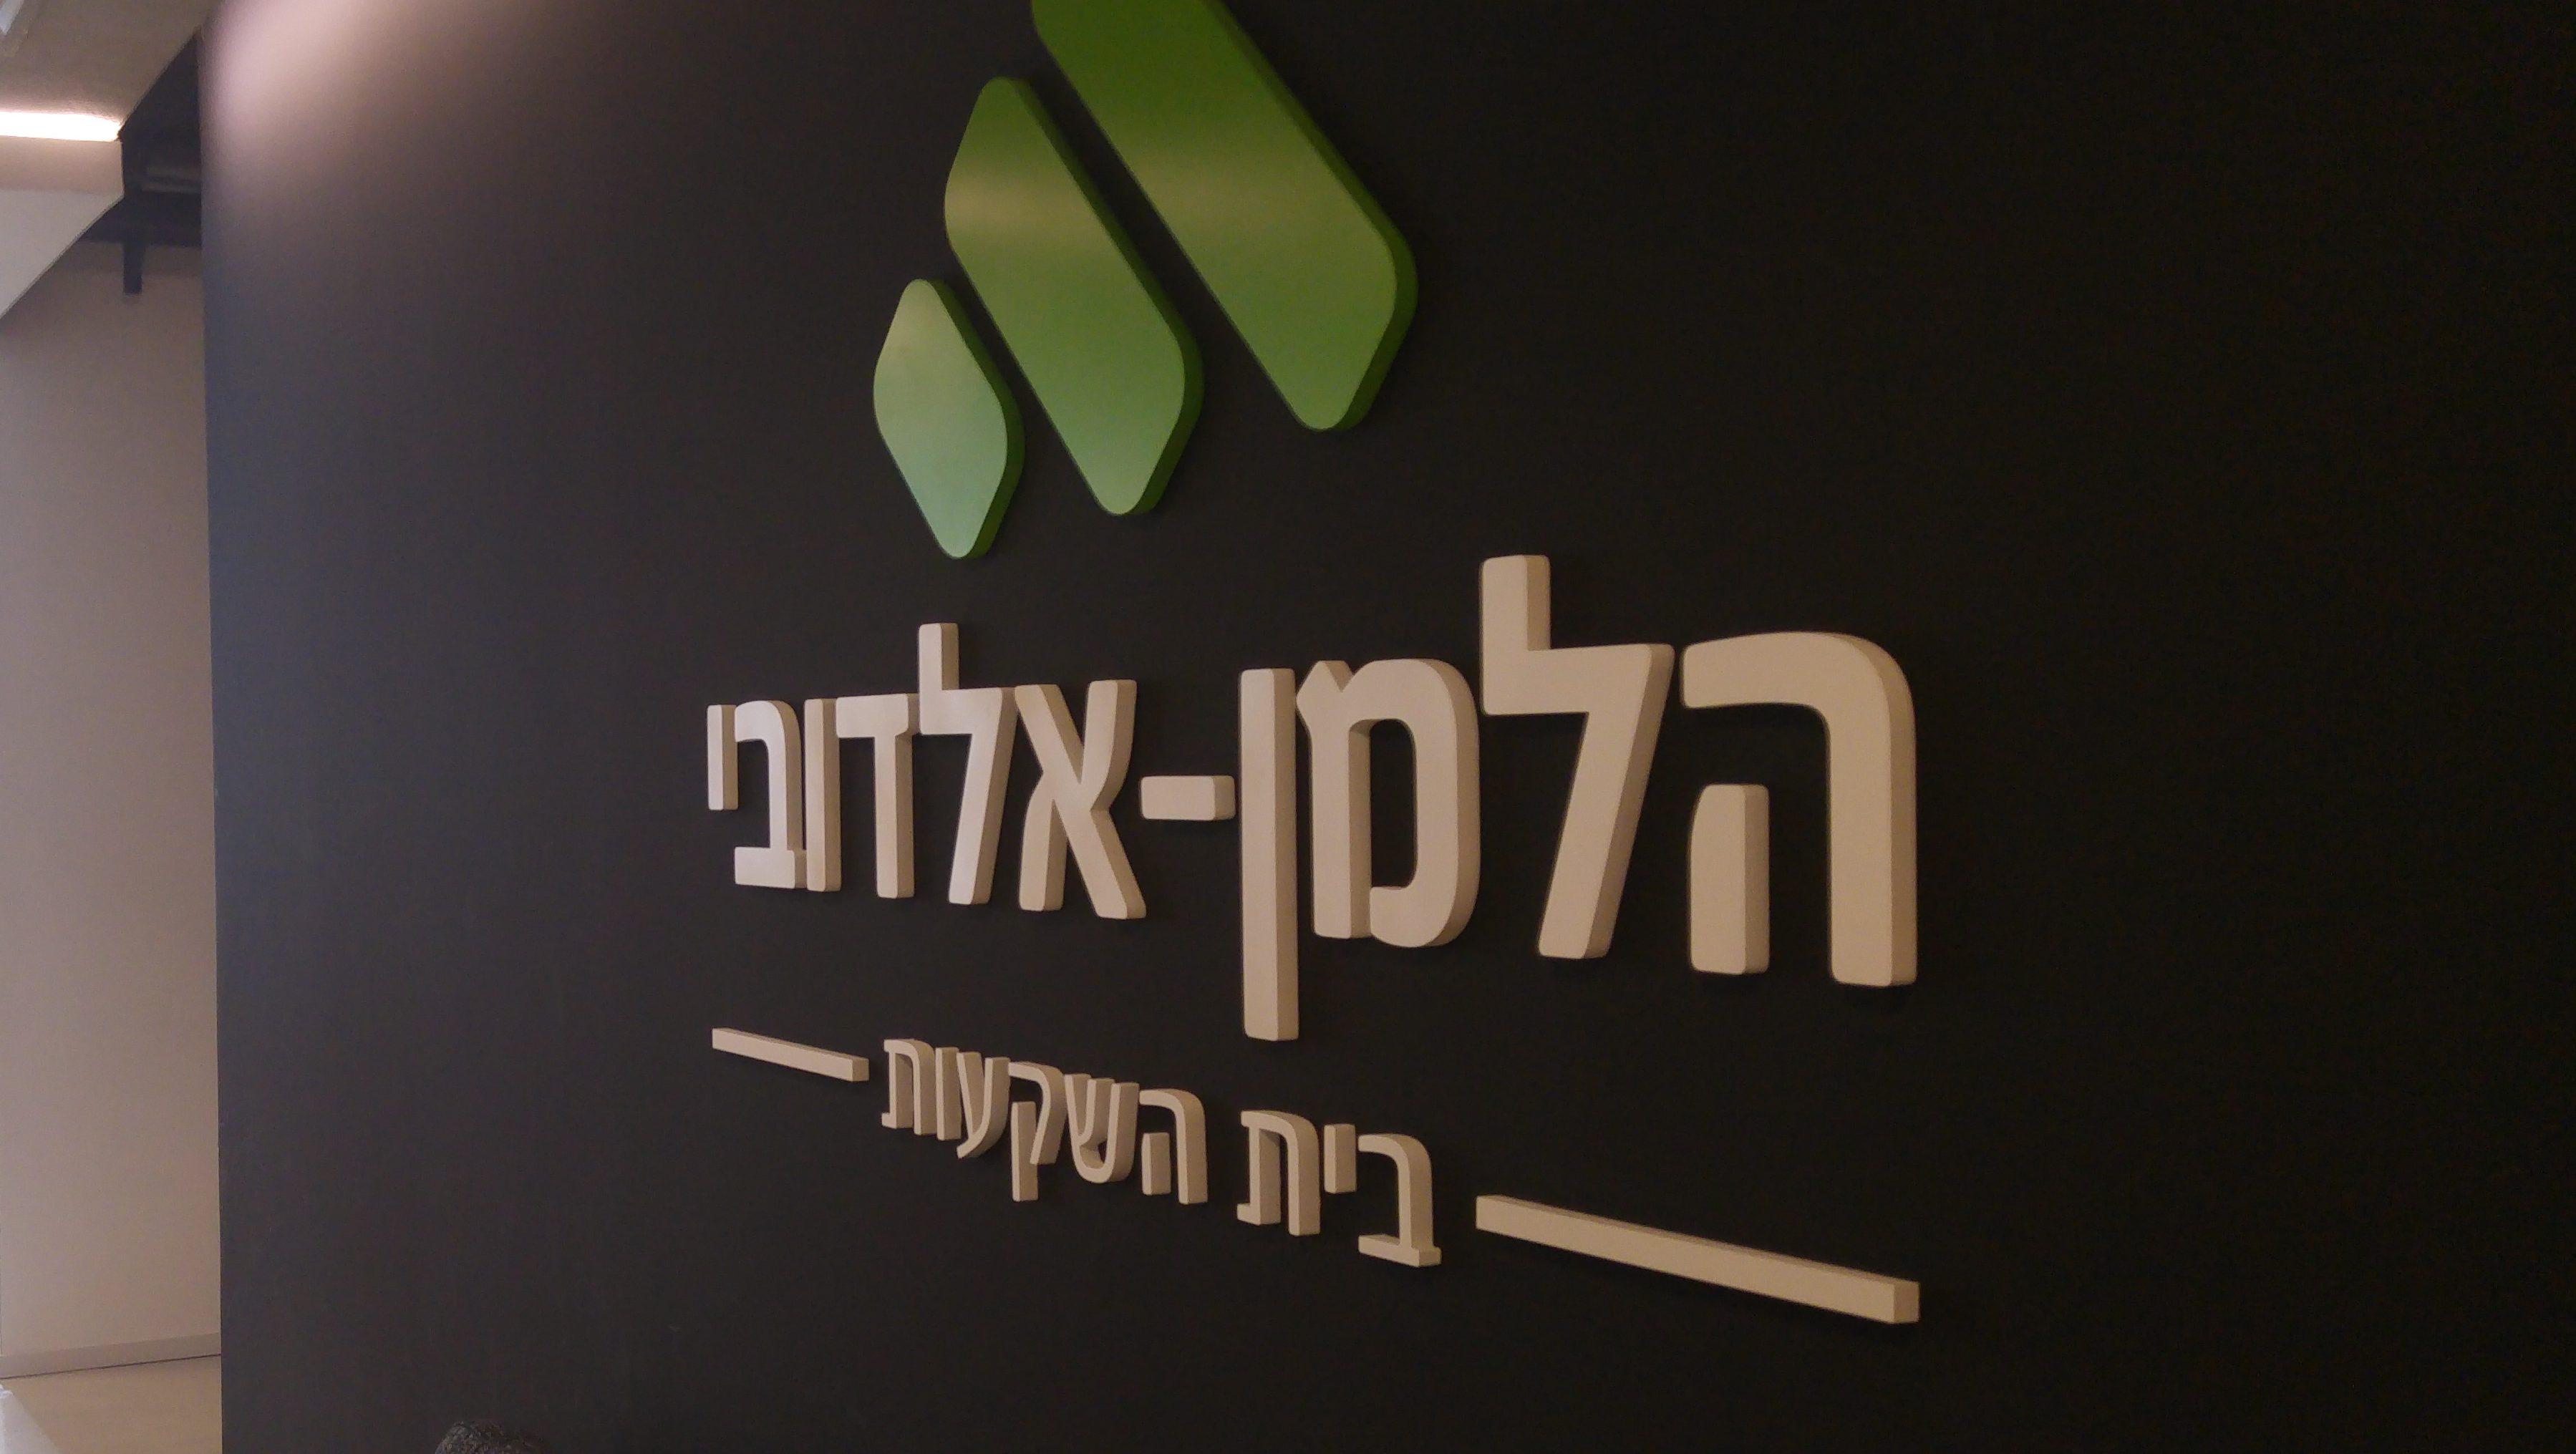 בעקבות הייצוגיות על הוצאות ניהול השקעות: הלמן אלדובי דורשת שיפוי מבית ההשקעות IBI